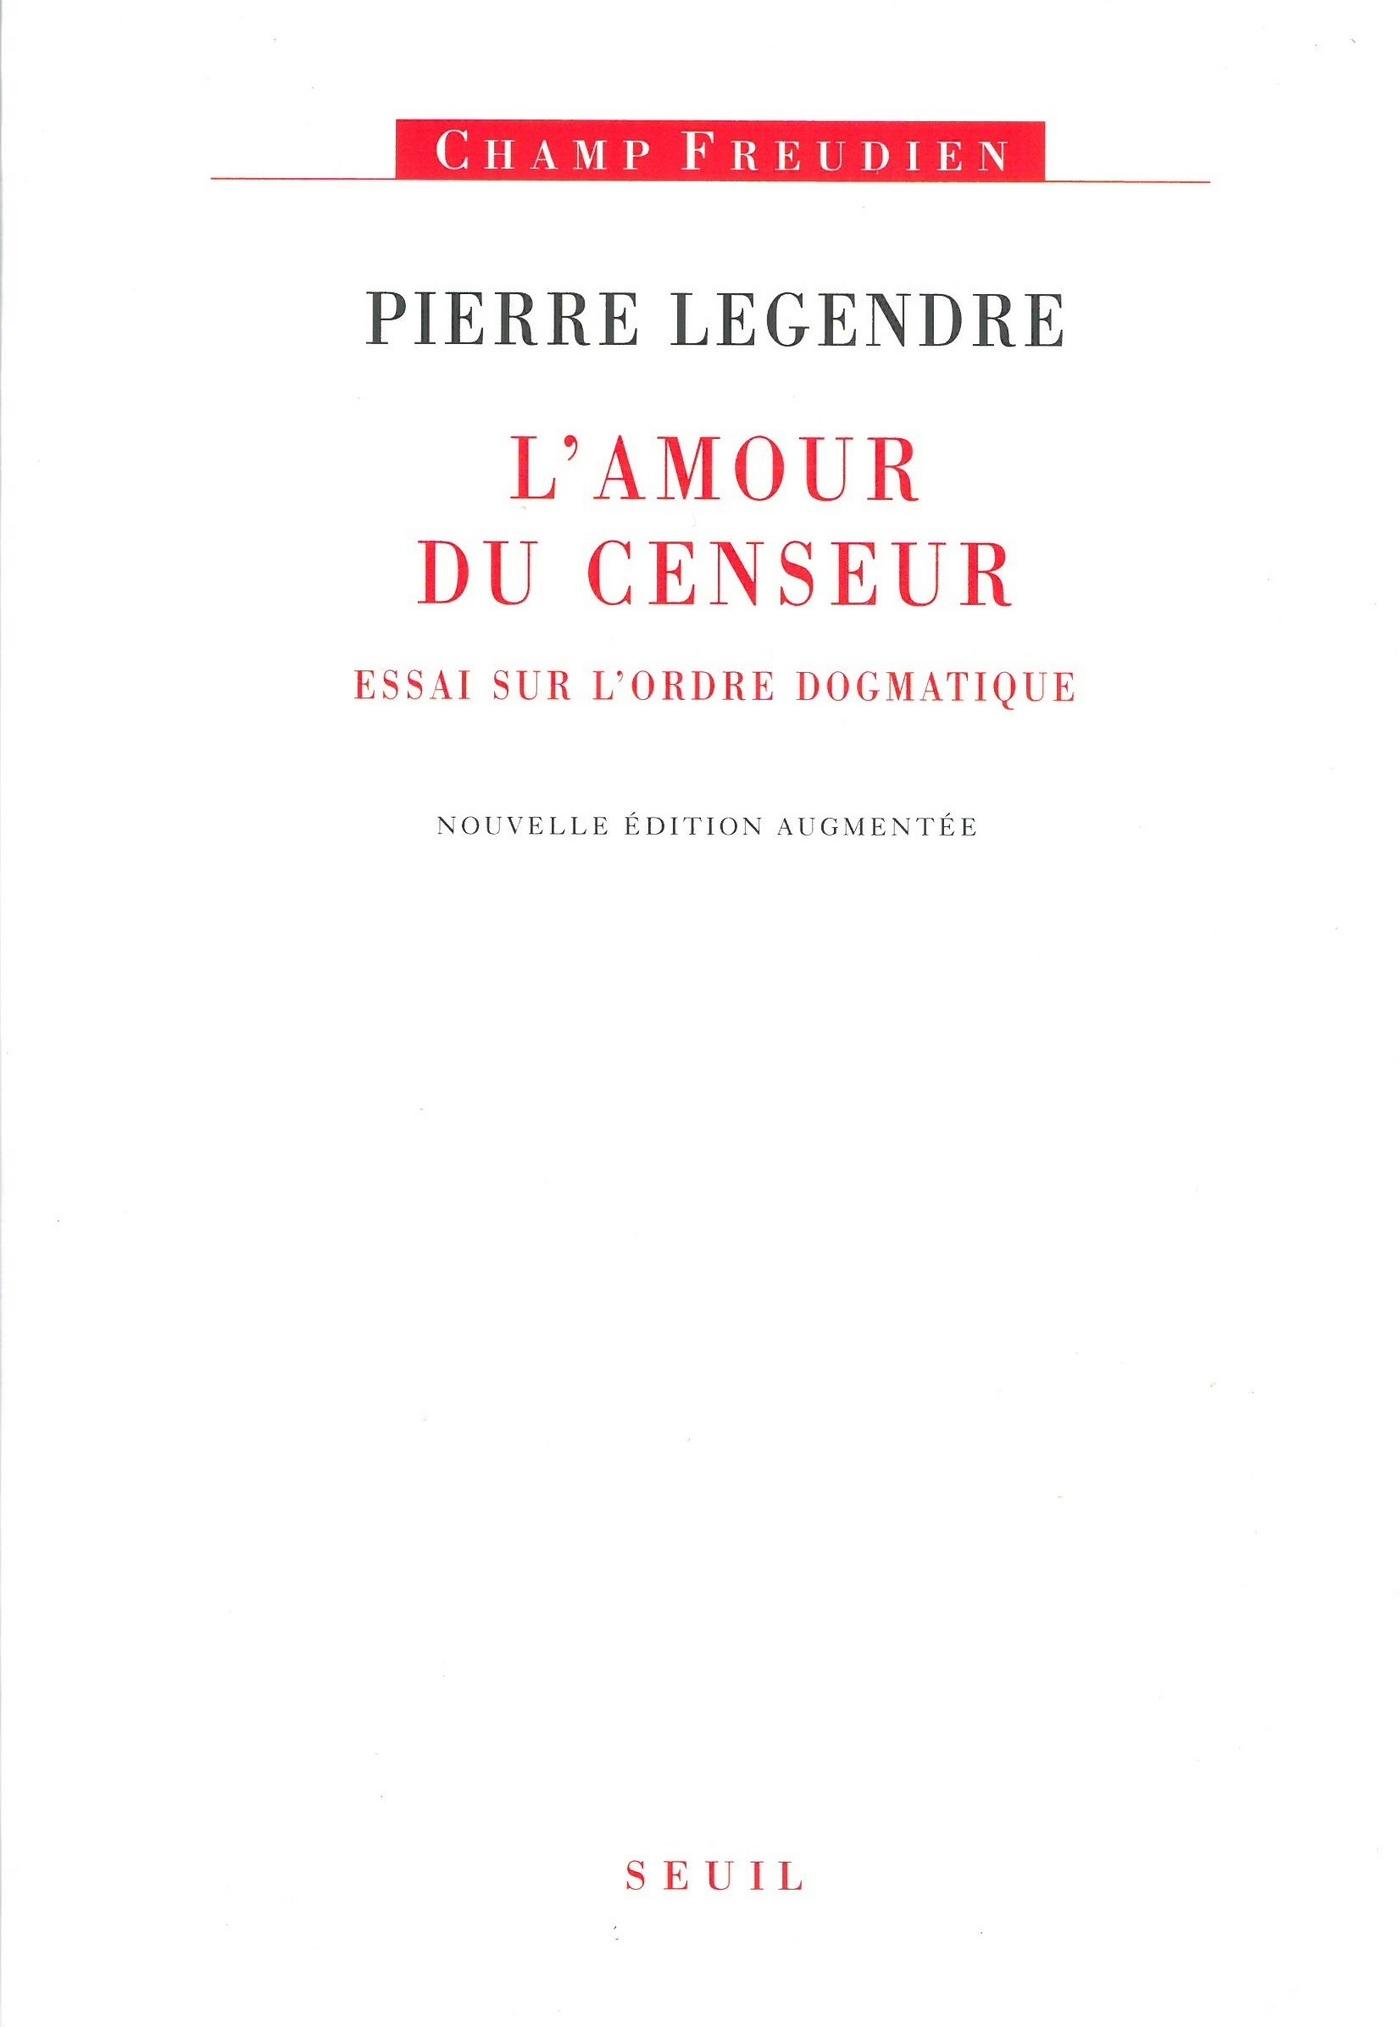 L'amour du censeur - Essai sur l'ordre dogmatique